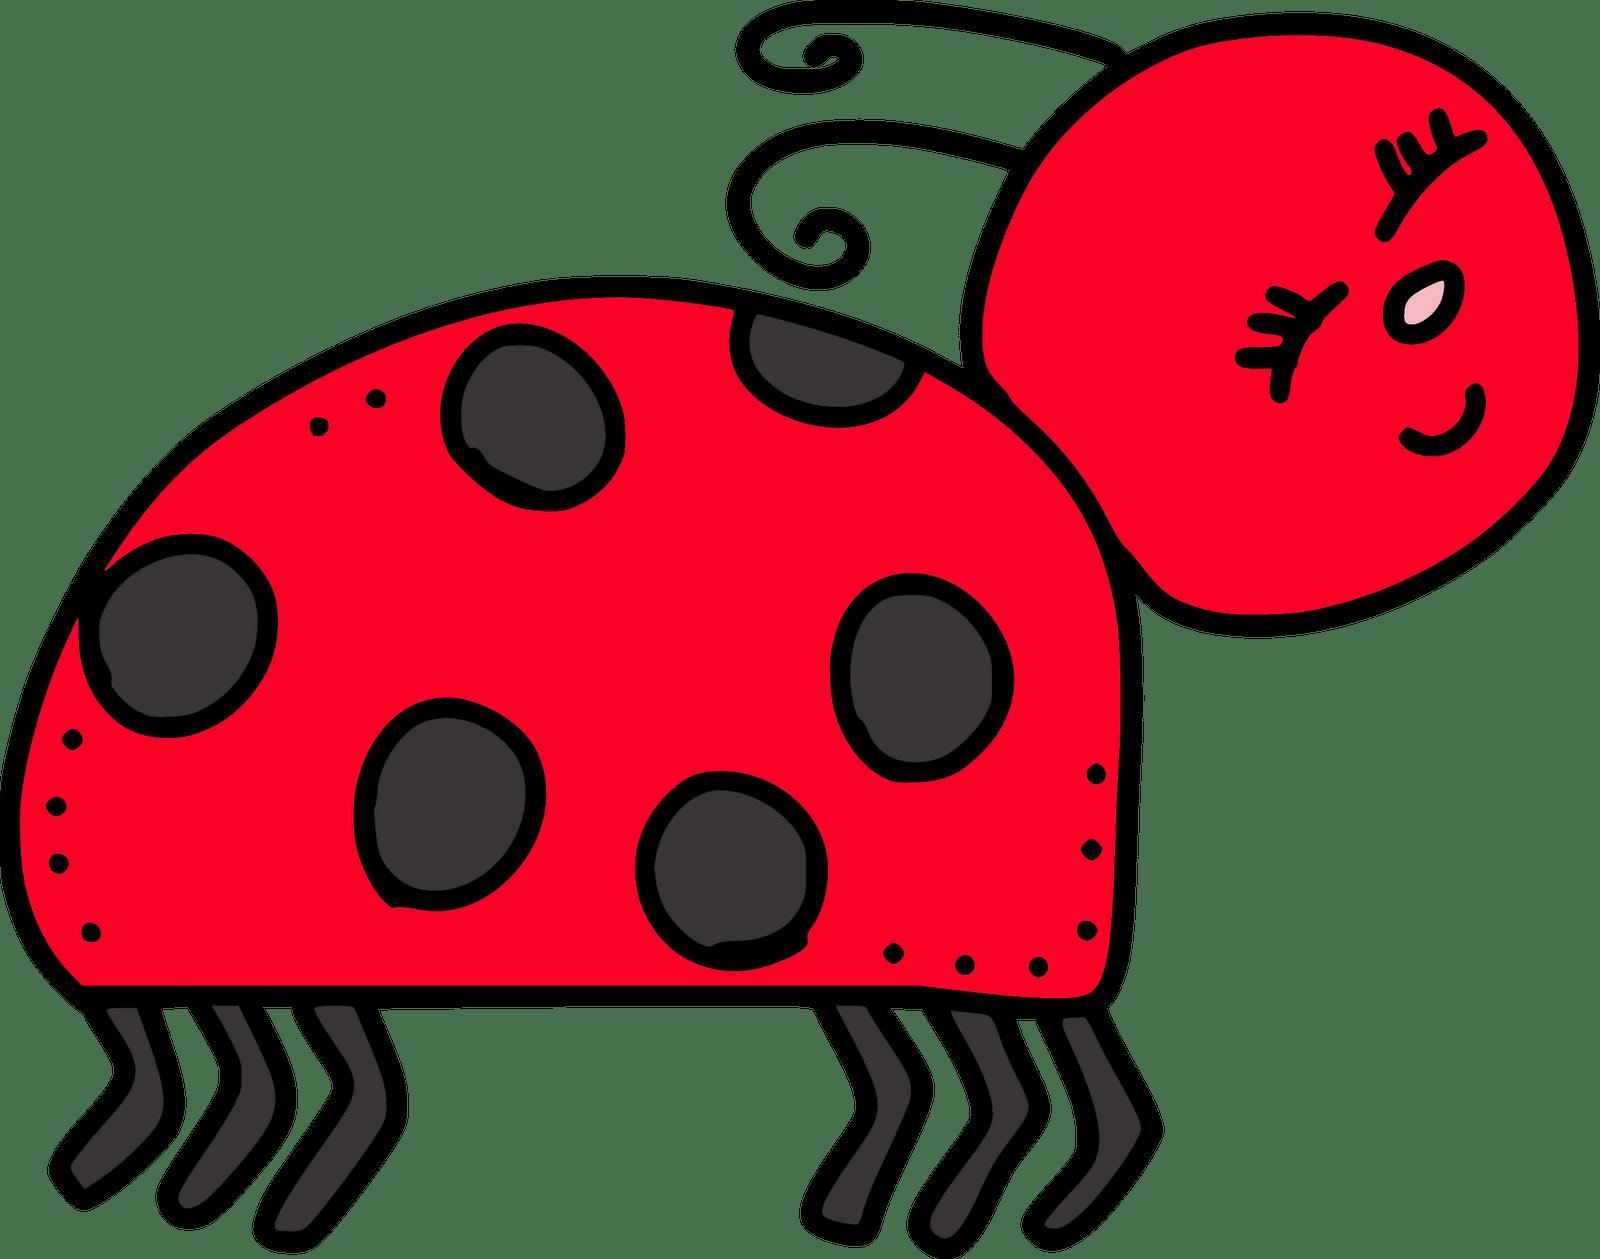 Bug Carson Dellosa Insect Clipart Image 2 Image